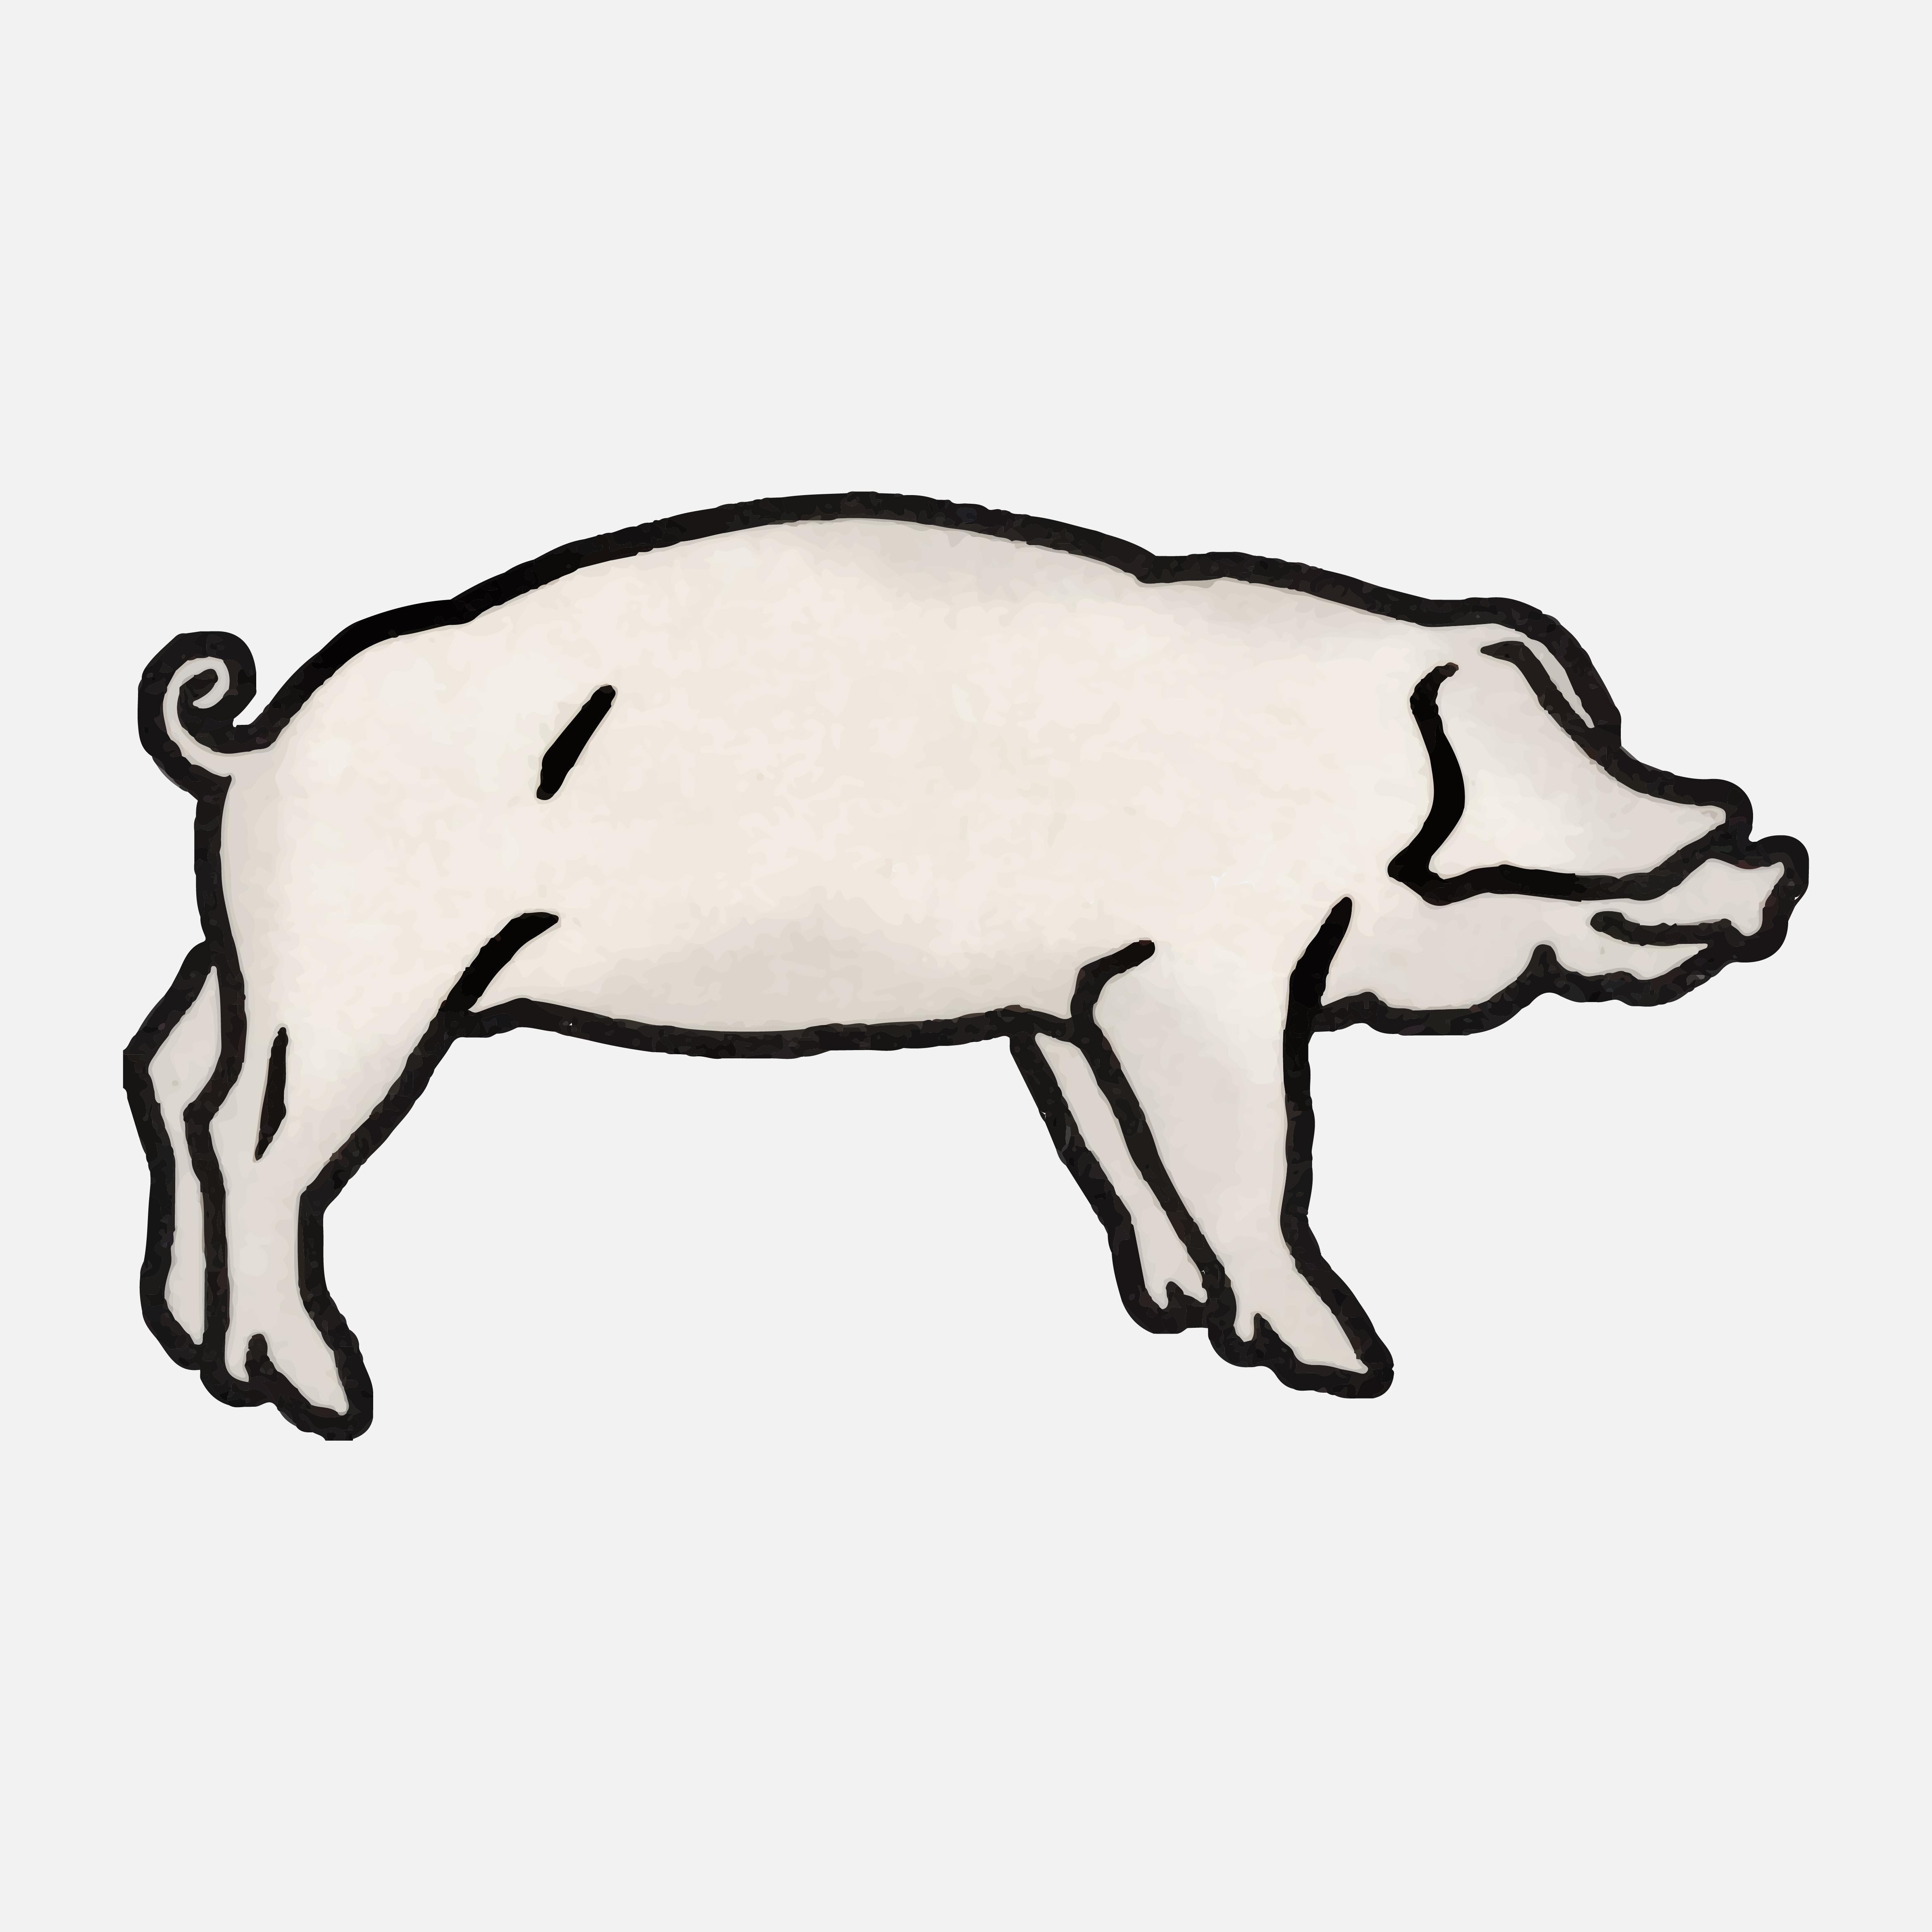 豬卡通圖 免費下載 | 天天瘋後製